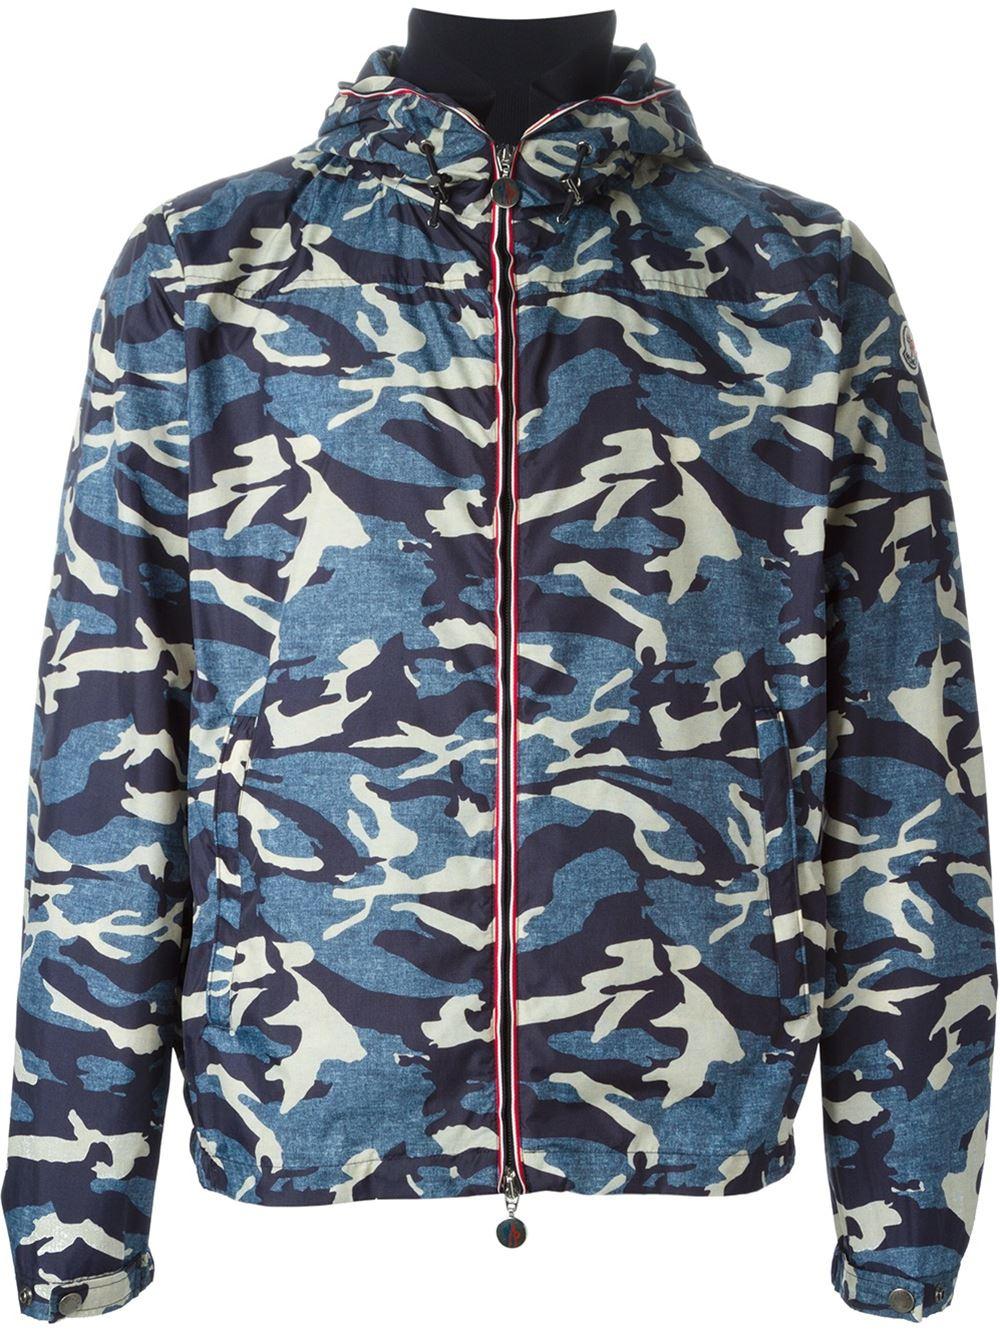 moncler jacket camo